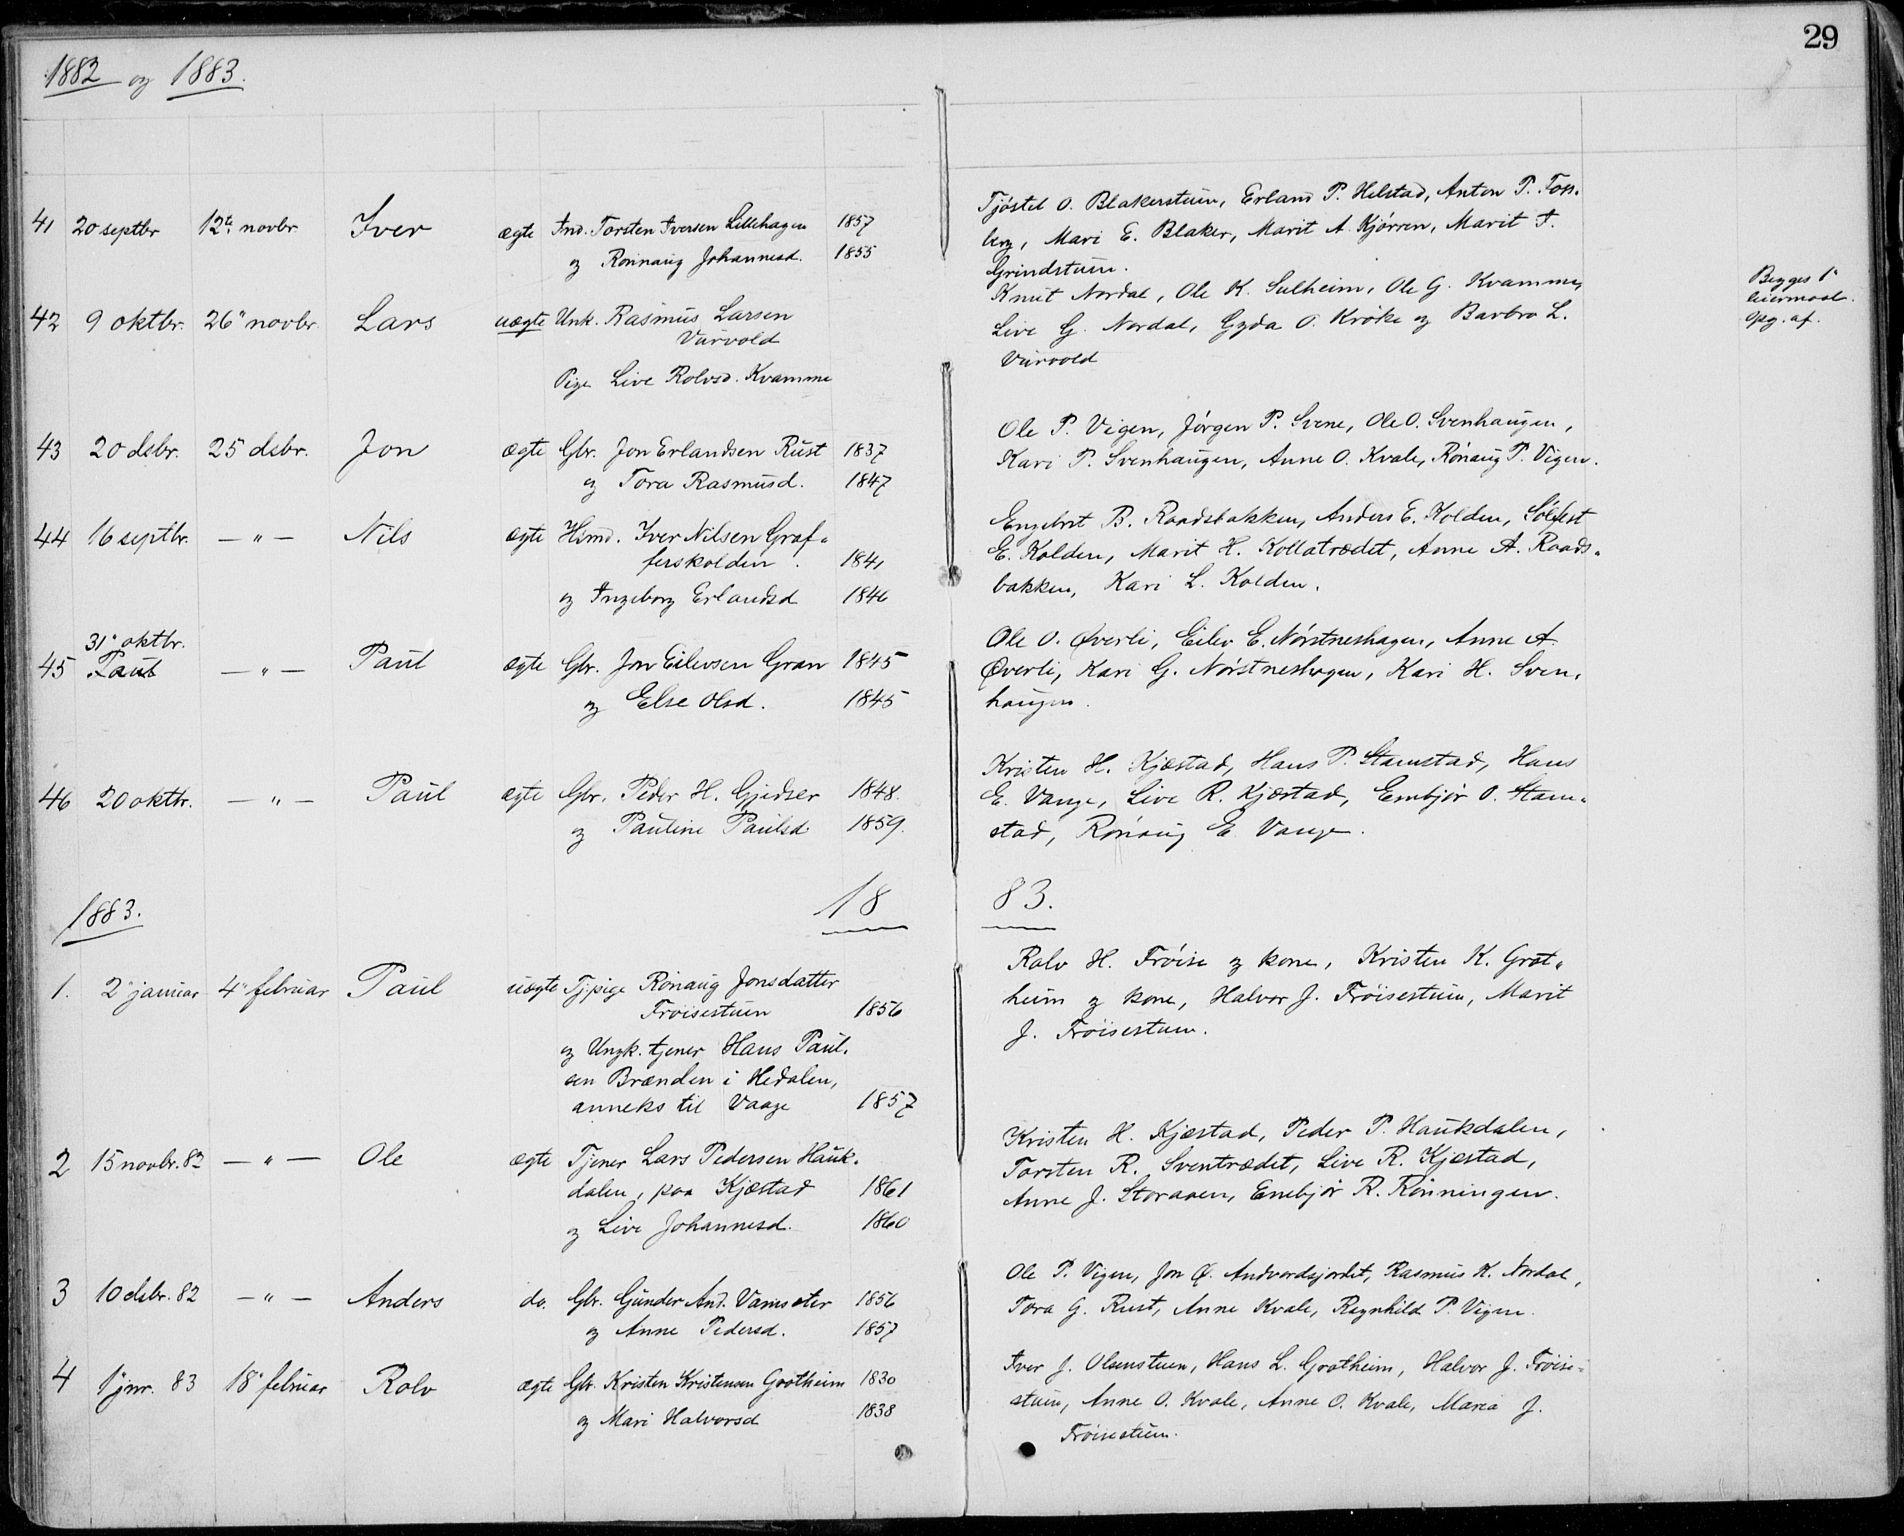 SAH, Lom prestekontor, L/L0013: Klokkerbok nr. 13, 1874-1938, s. 29